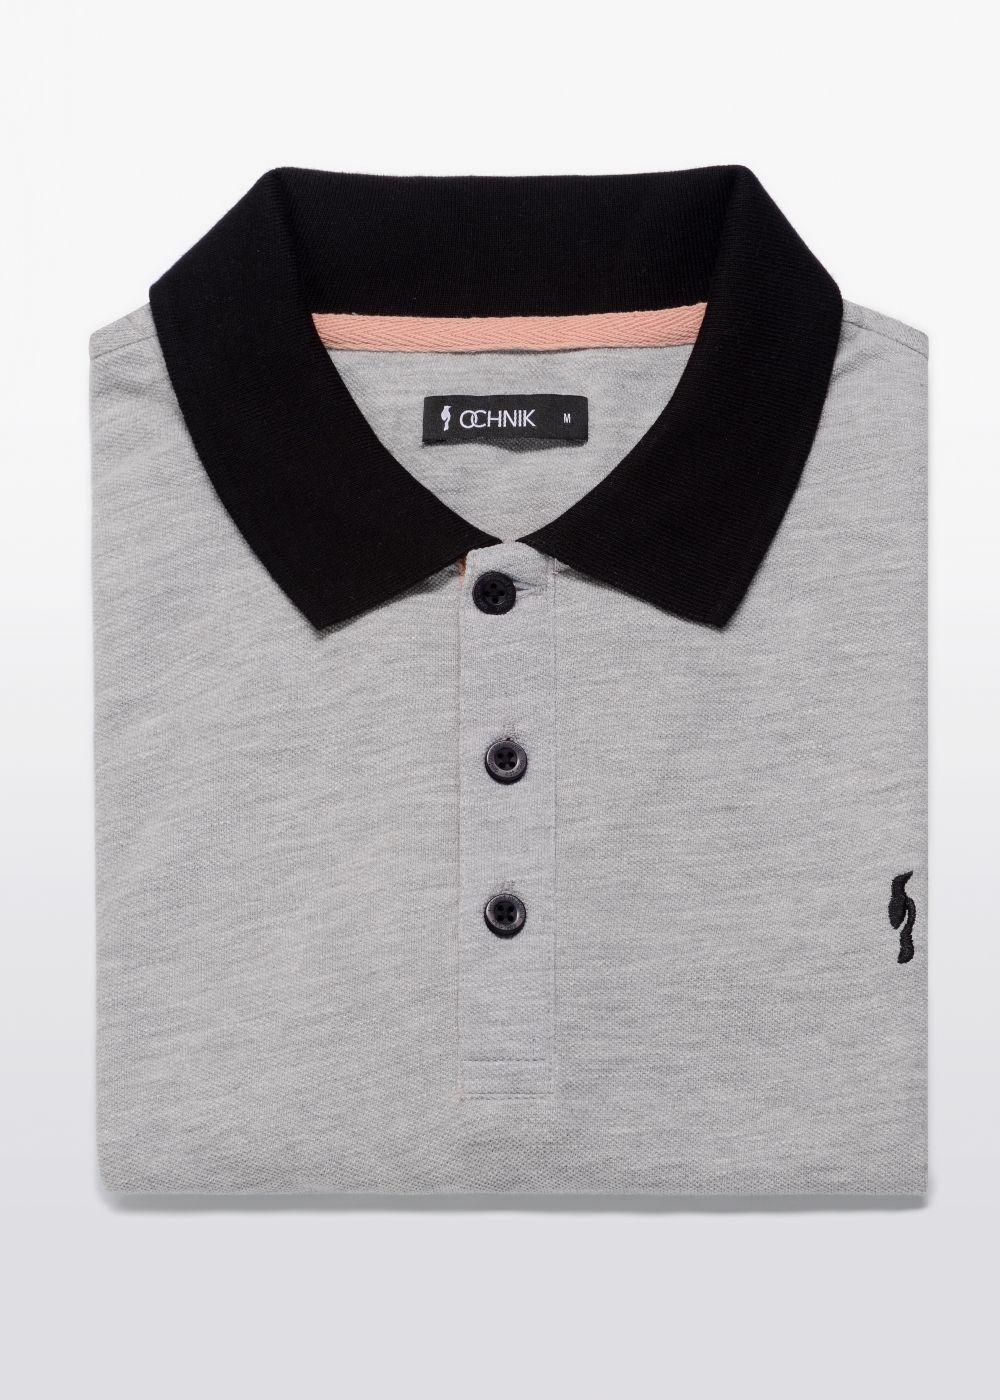 Koszulka polo POLMT-0042-91(W21)